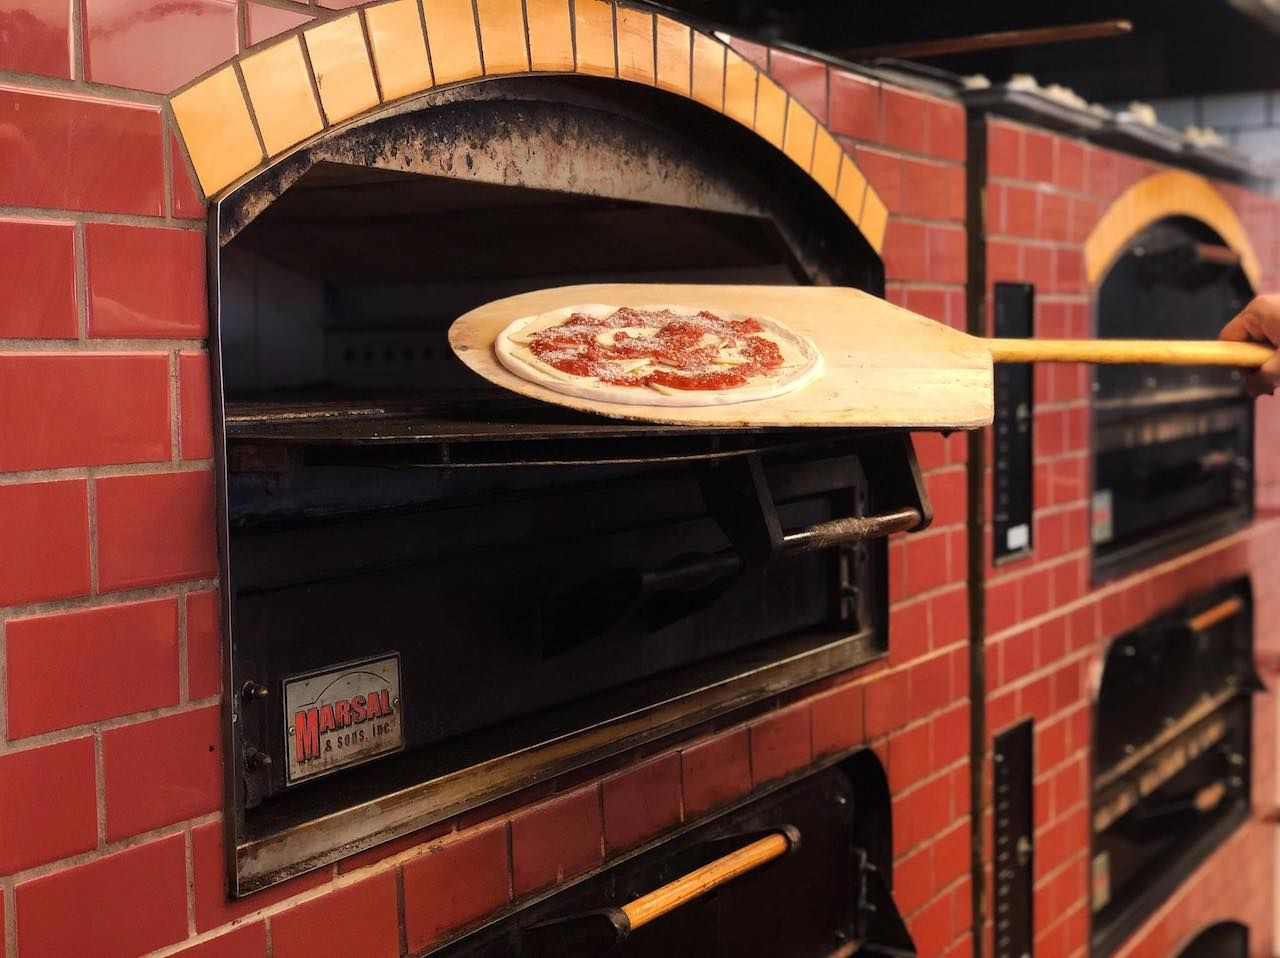 Metro Pizza in Las Vegas